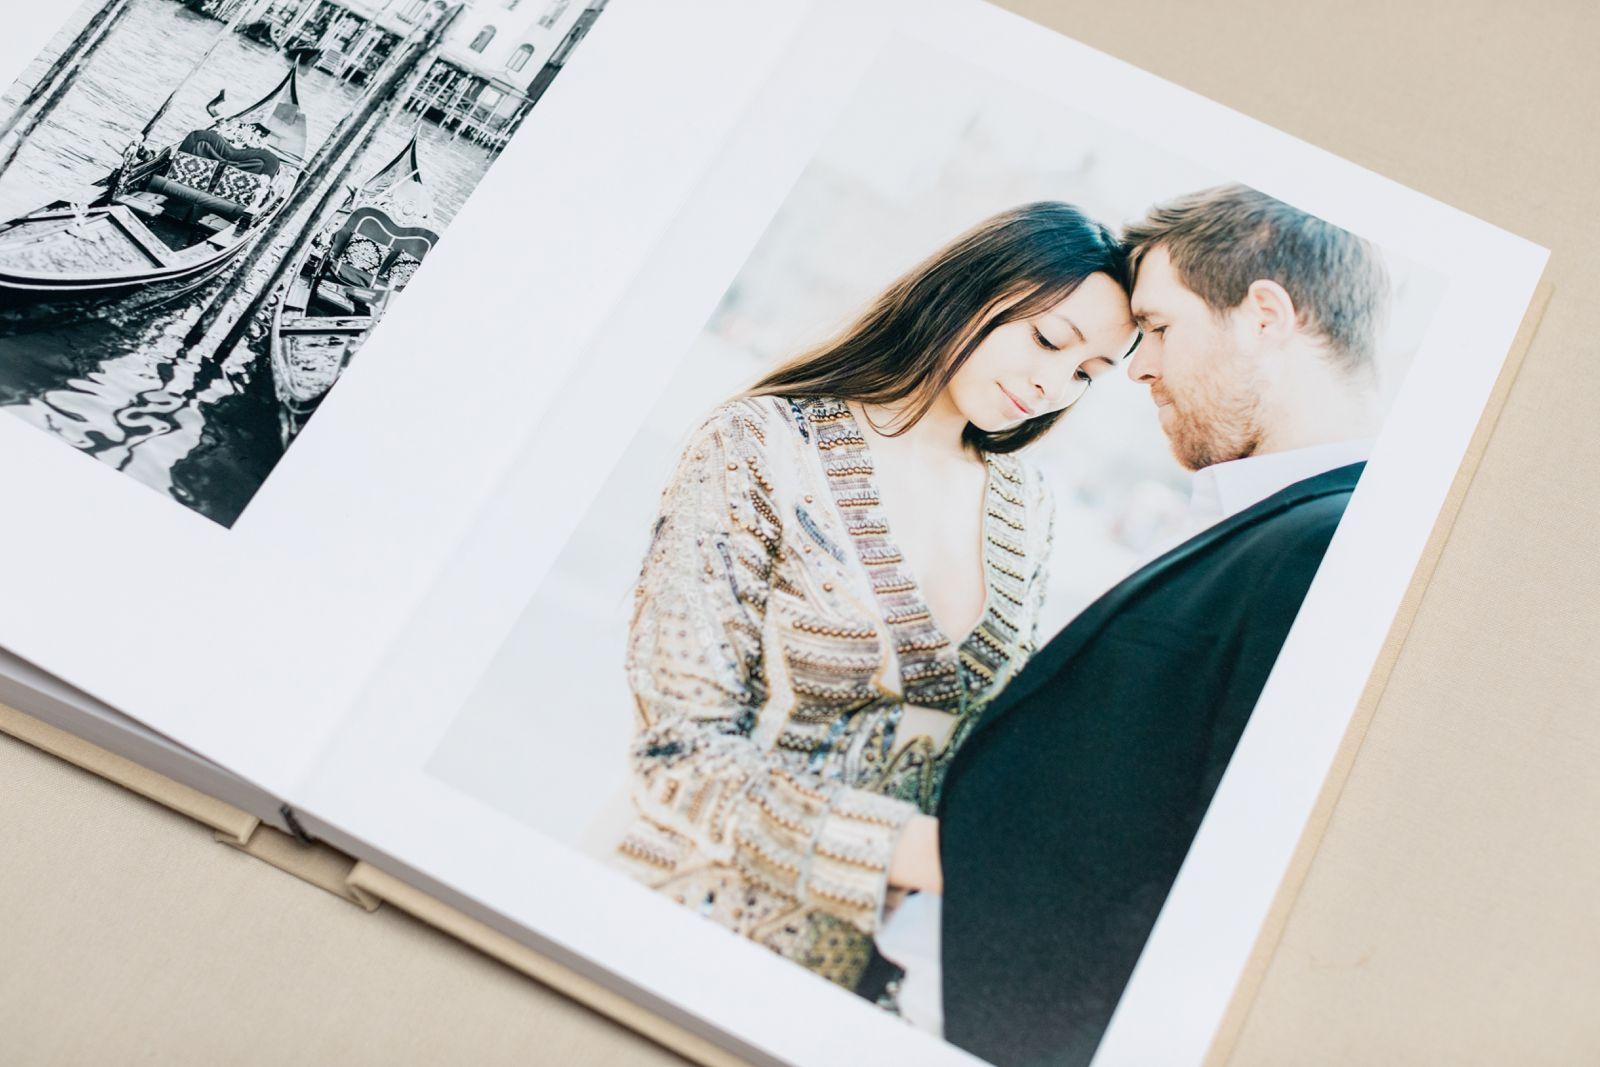 Ewigmein-Fine-Art-Hochzeitsfotografie-Hochzeitsalbum-edel-goldene-prägung-hochwertig-leinenstoff_5465